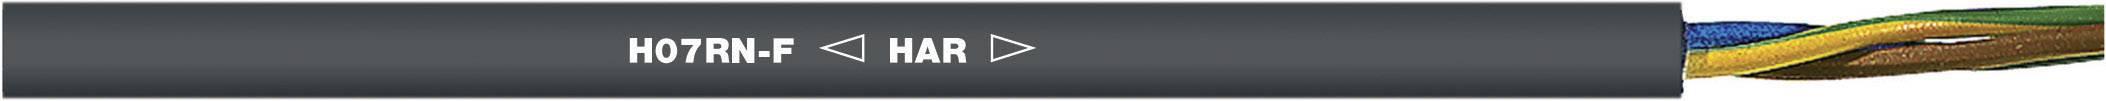 Připojovací kabel H07RN-F 2 x 2.50 mm² černá LappKabel 1600187 metrové zboží